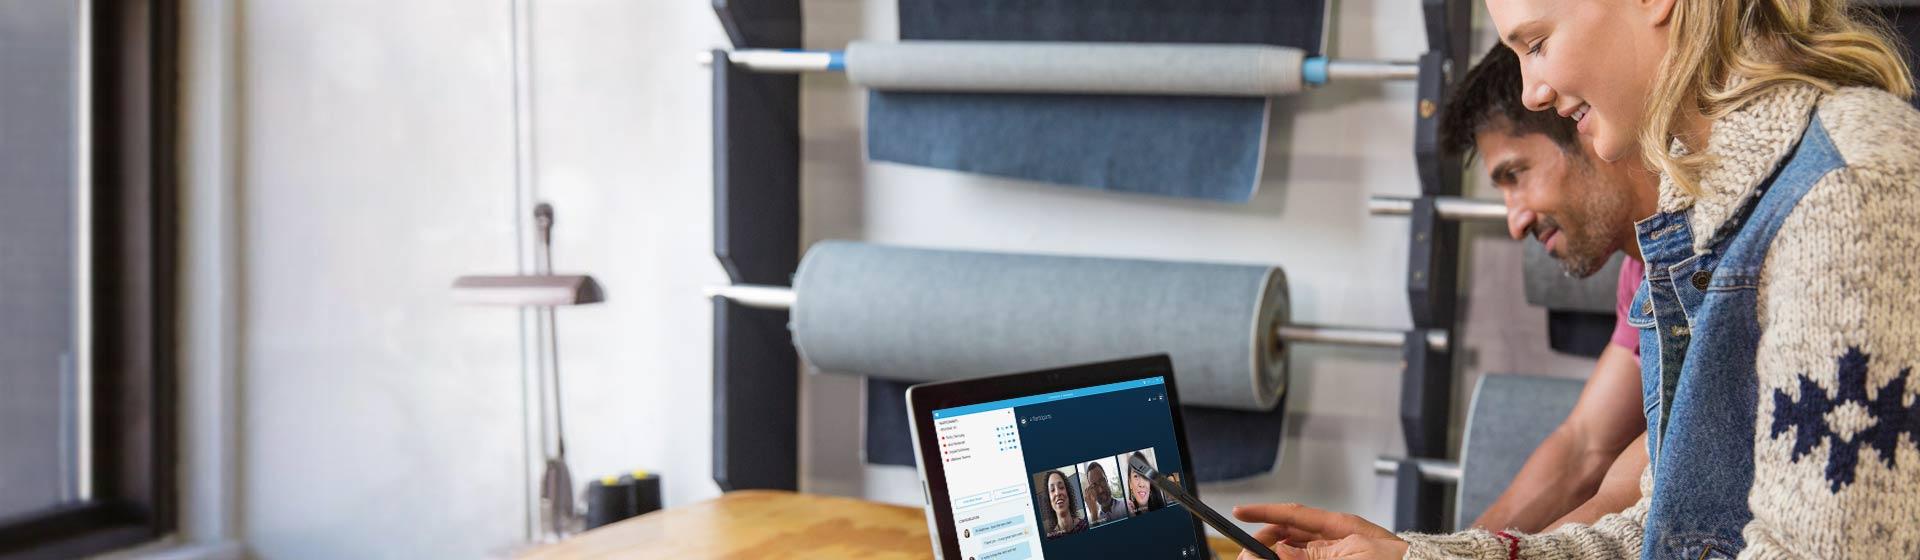 Un homme et une femme utilisant Réunions Skype sur une tablette ; la femme a un téléphone à la main